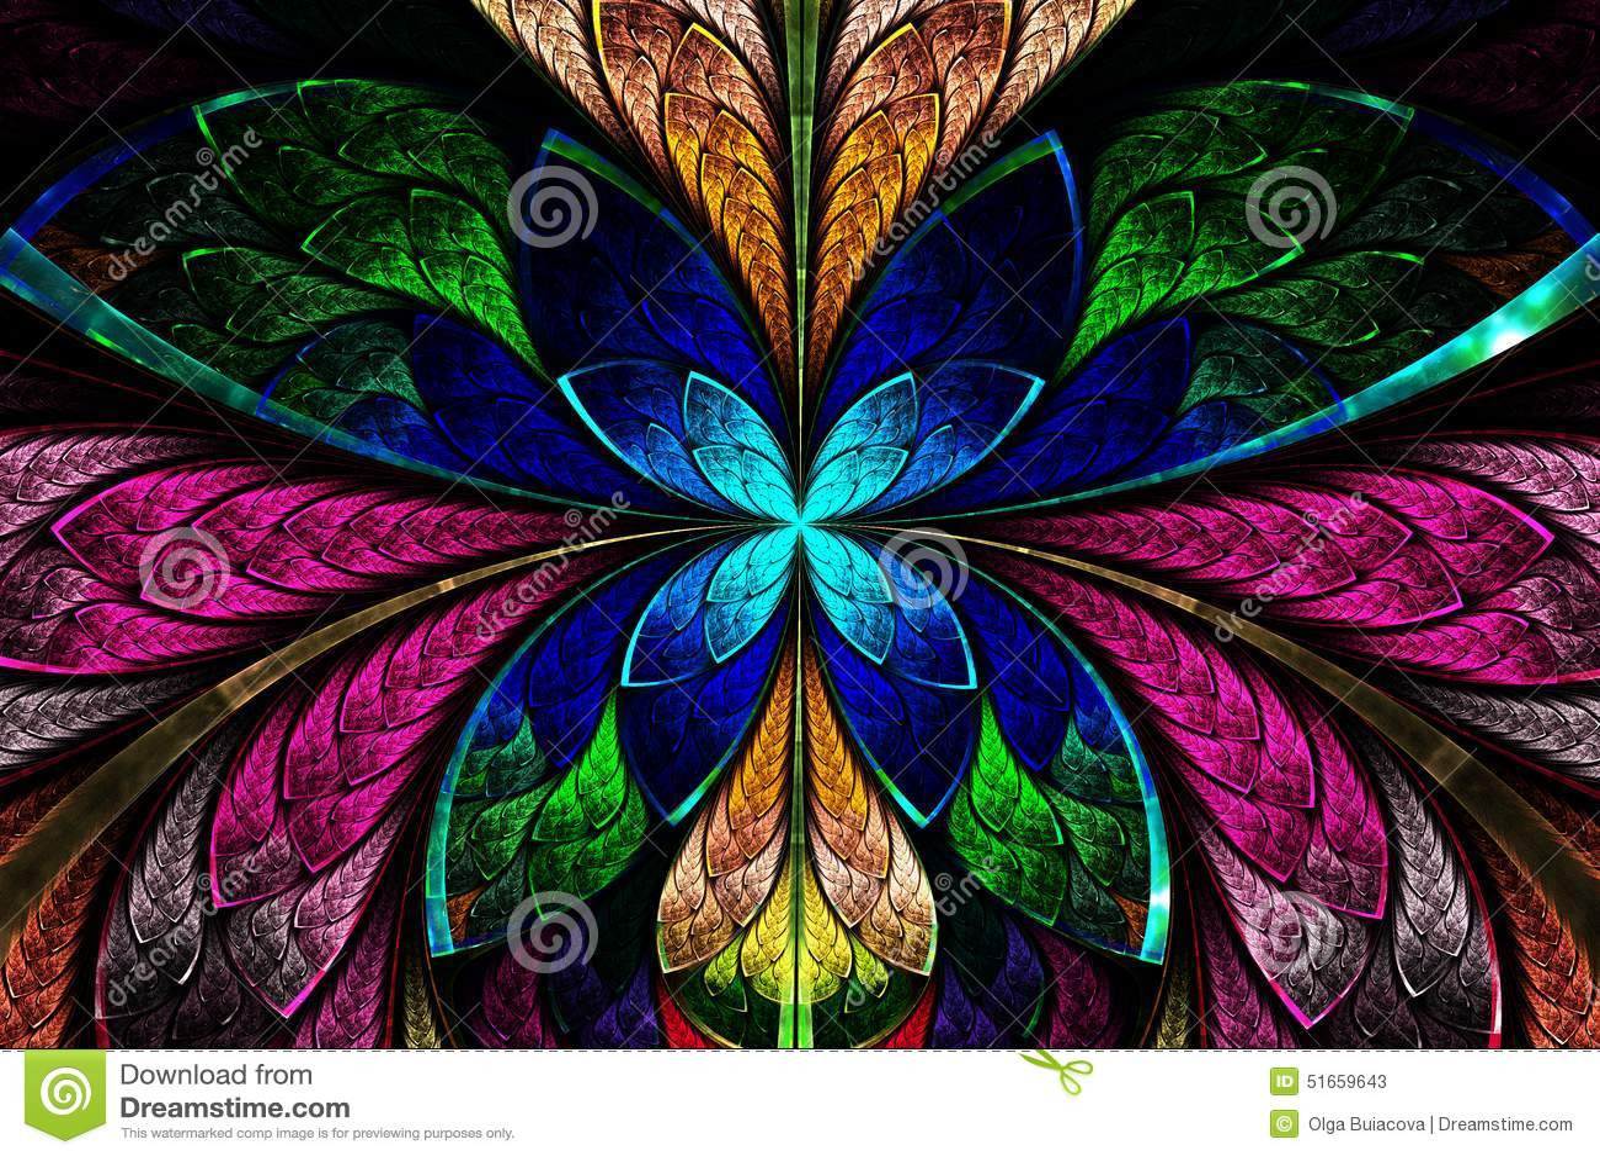 Stubarwny symetryczny fractal wzór jak kwiatu lub motyla